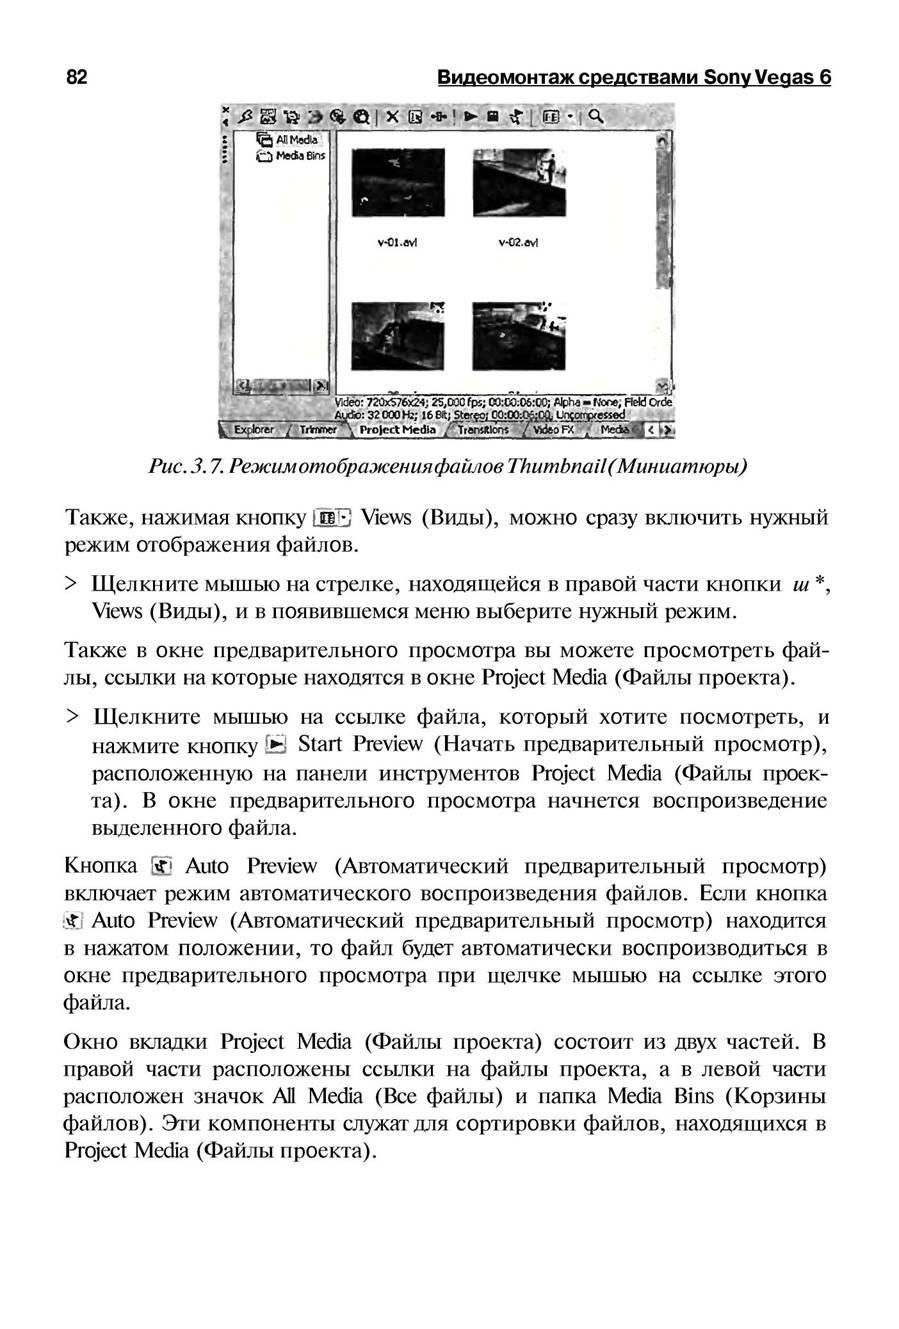 http://redaktori-uroki.3dn.ru/_ph/13/148274521.jpg